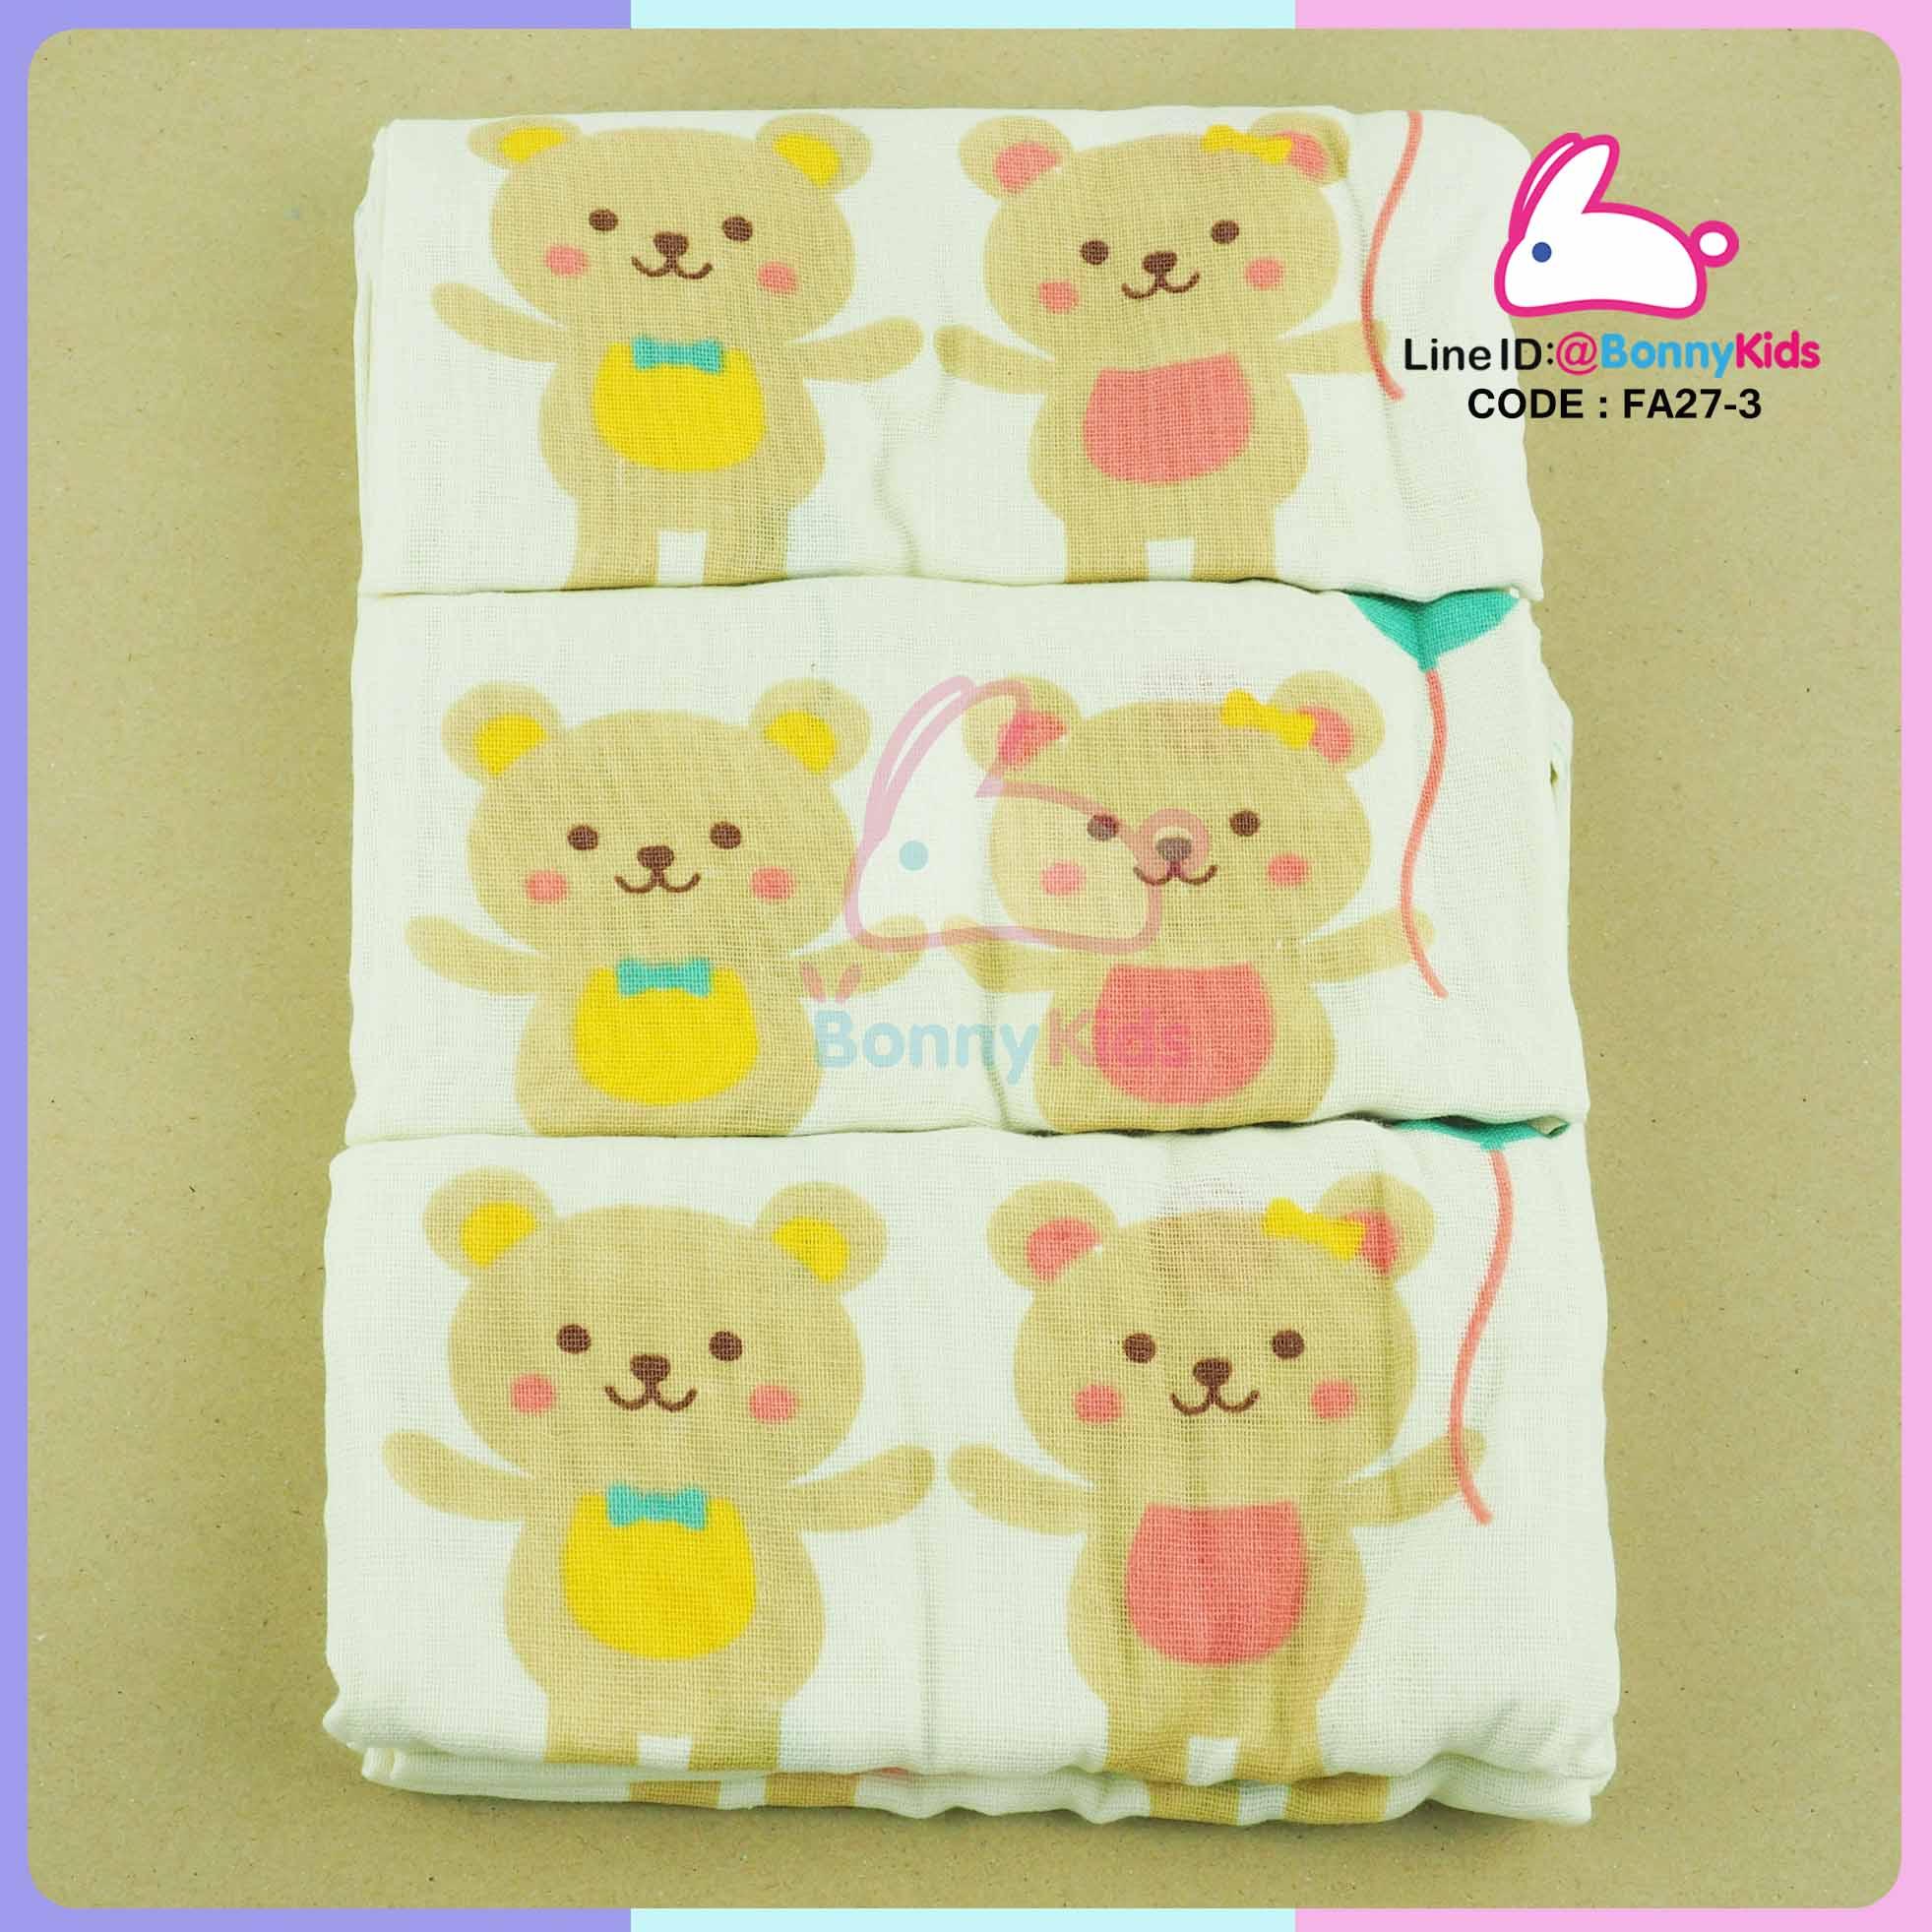 ผ้าอ้อมสาลูญี่ปุ่นกาเสะ ขนาด 27x27 ลายหมีน้อย แพ็ค 6 ผืน